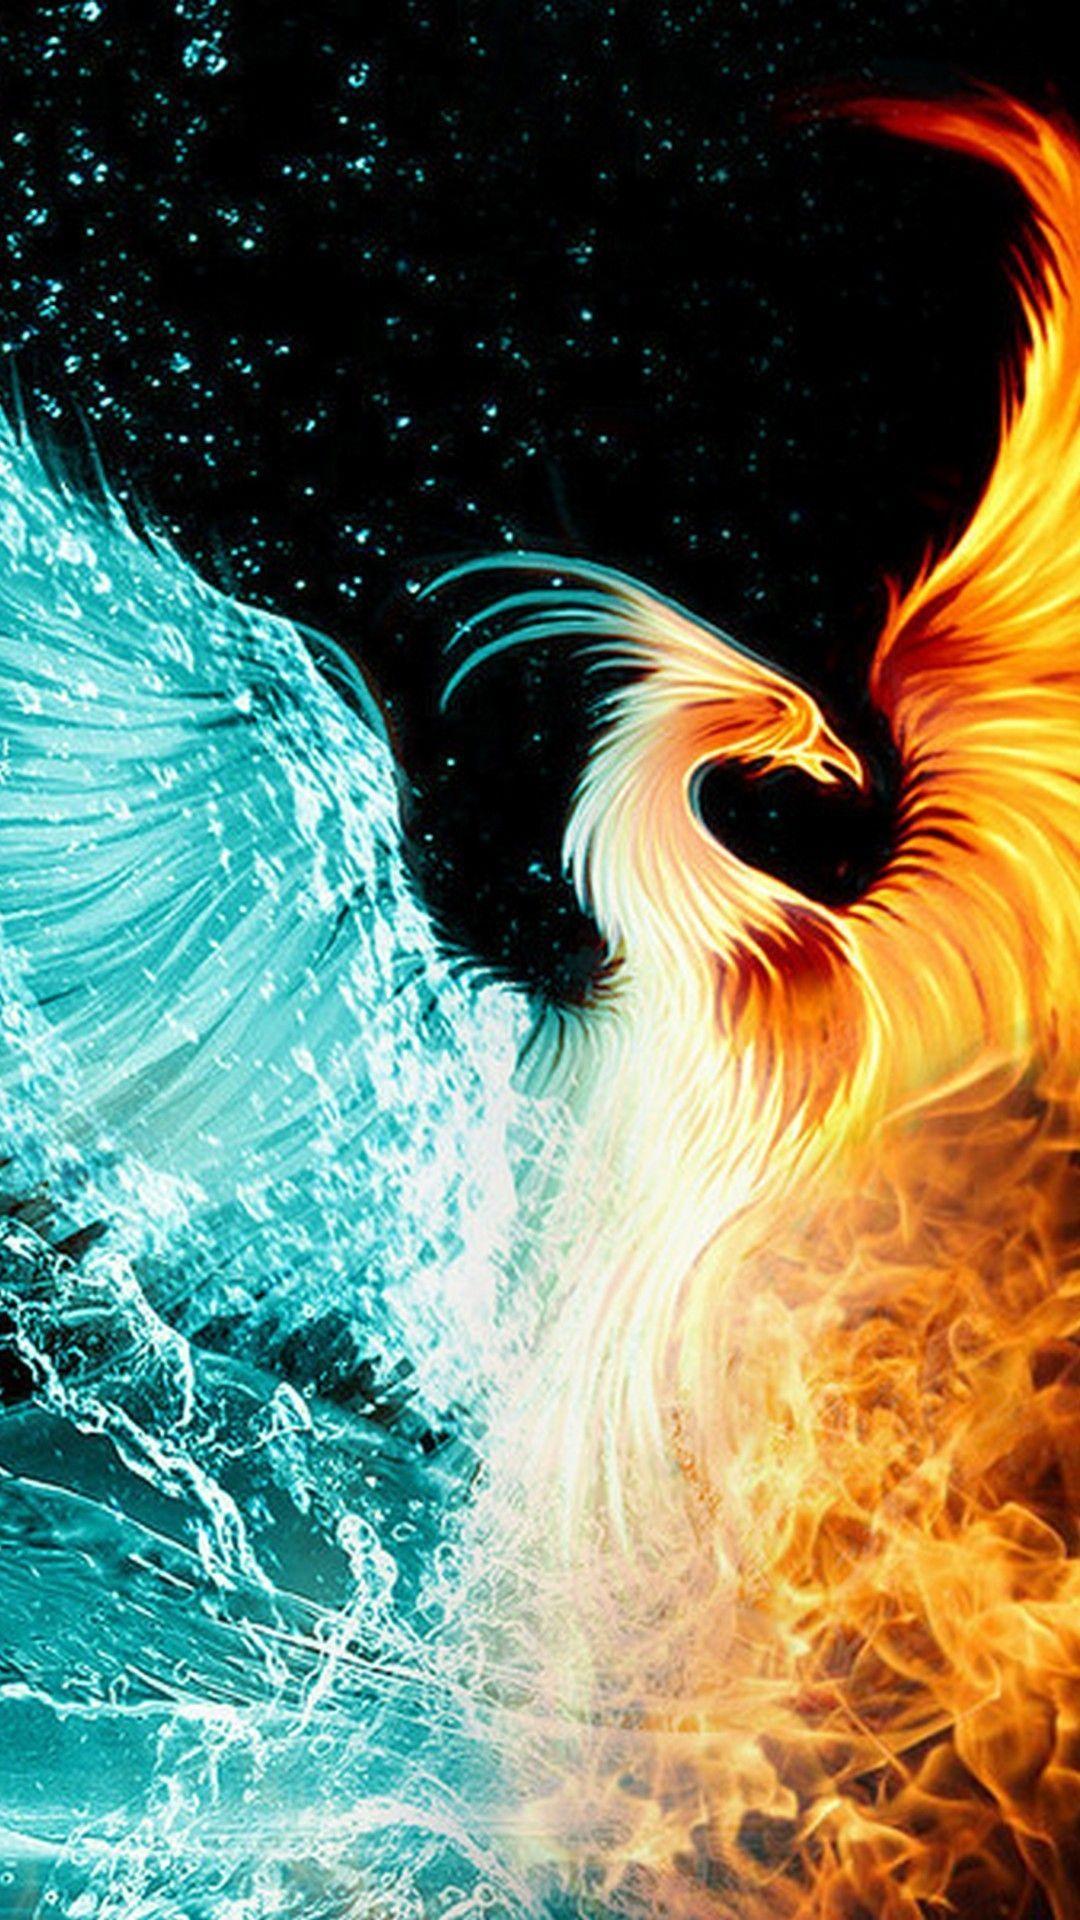 Phoenix Iphone Wallpapers Top Free Phoenix Iphone